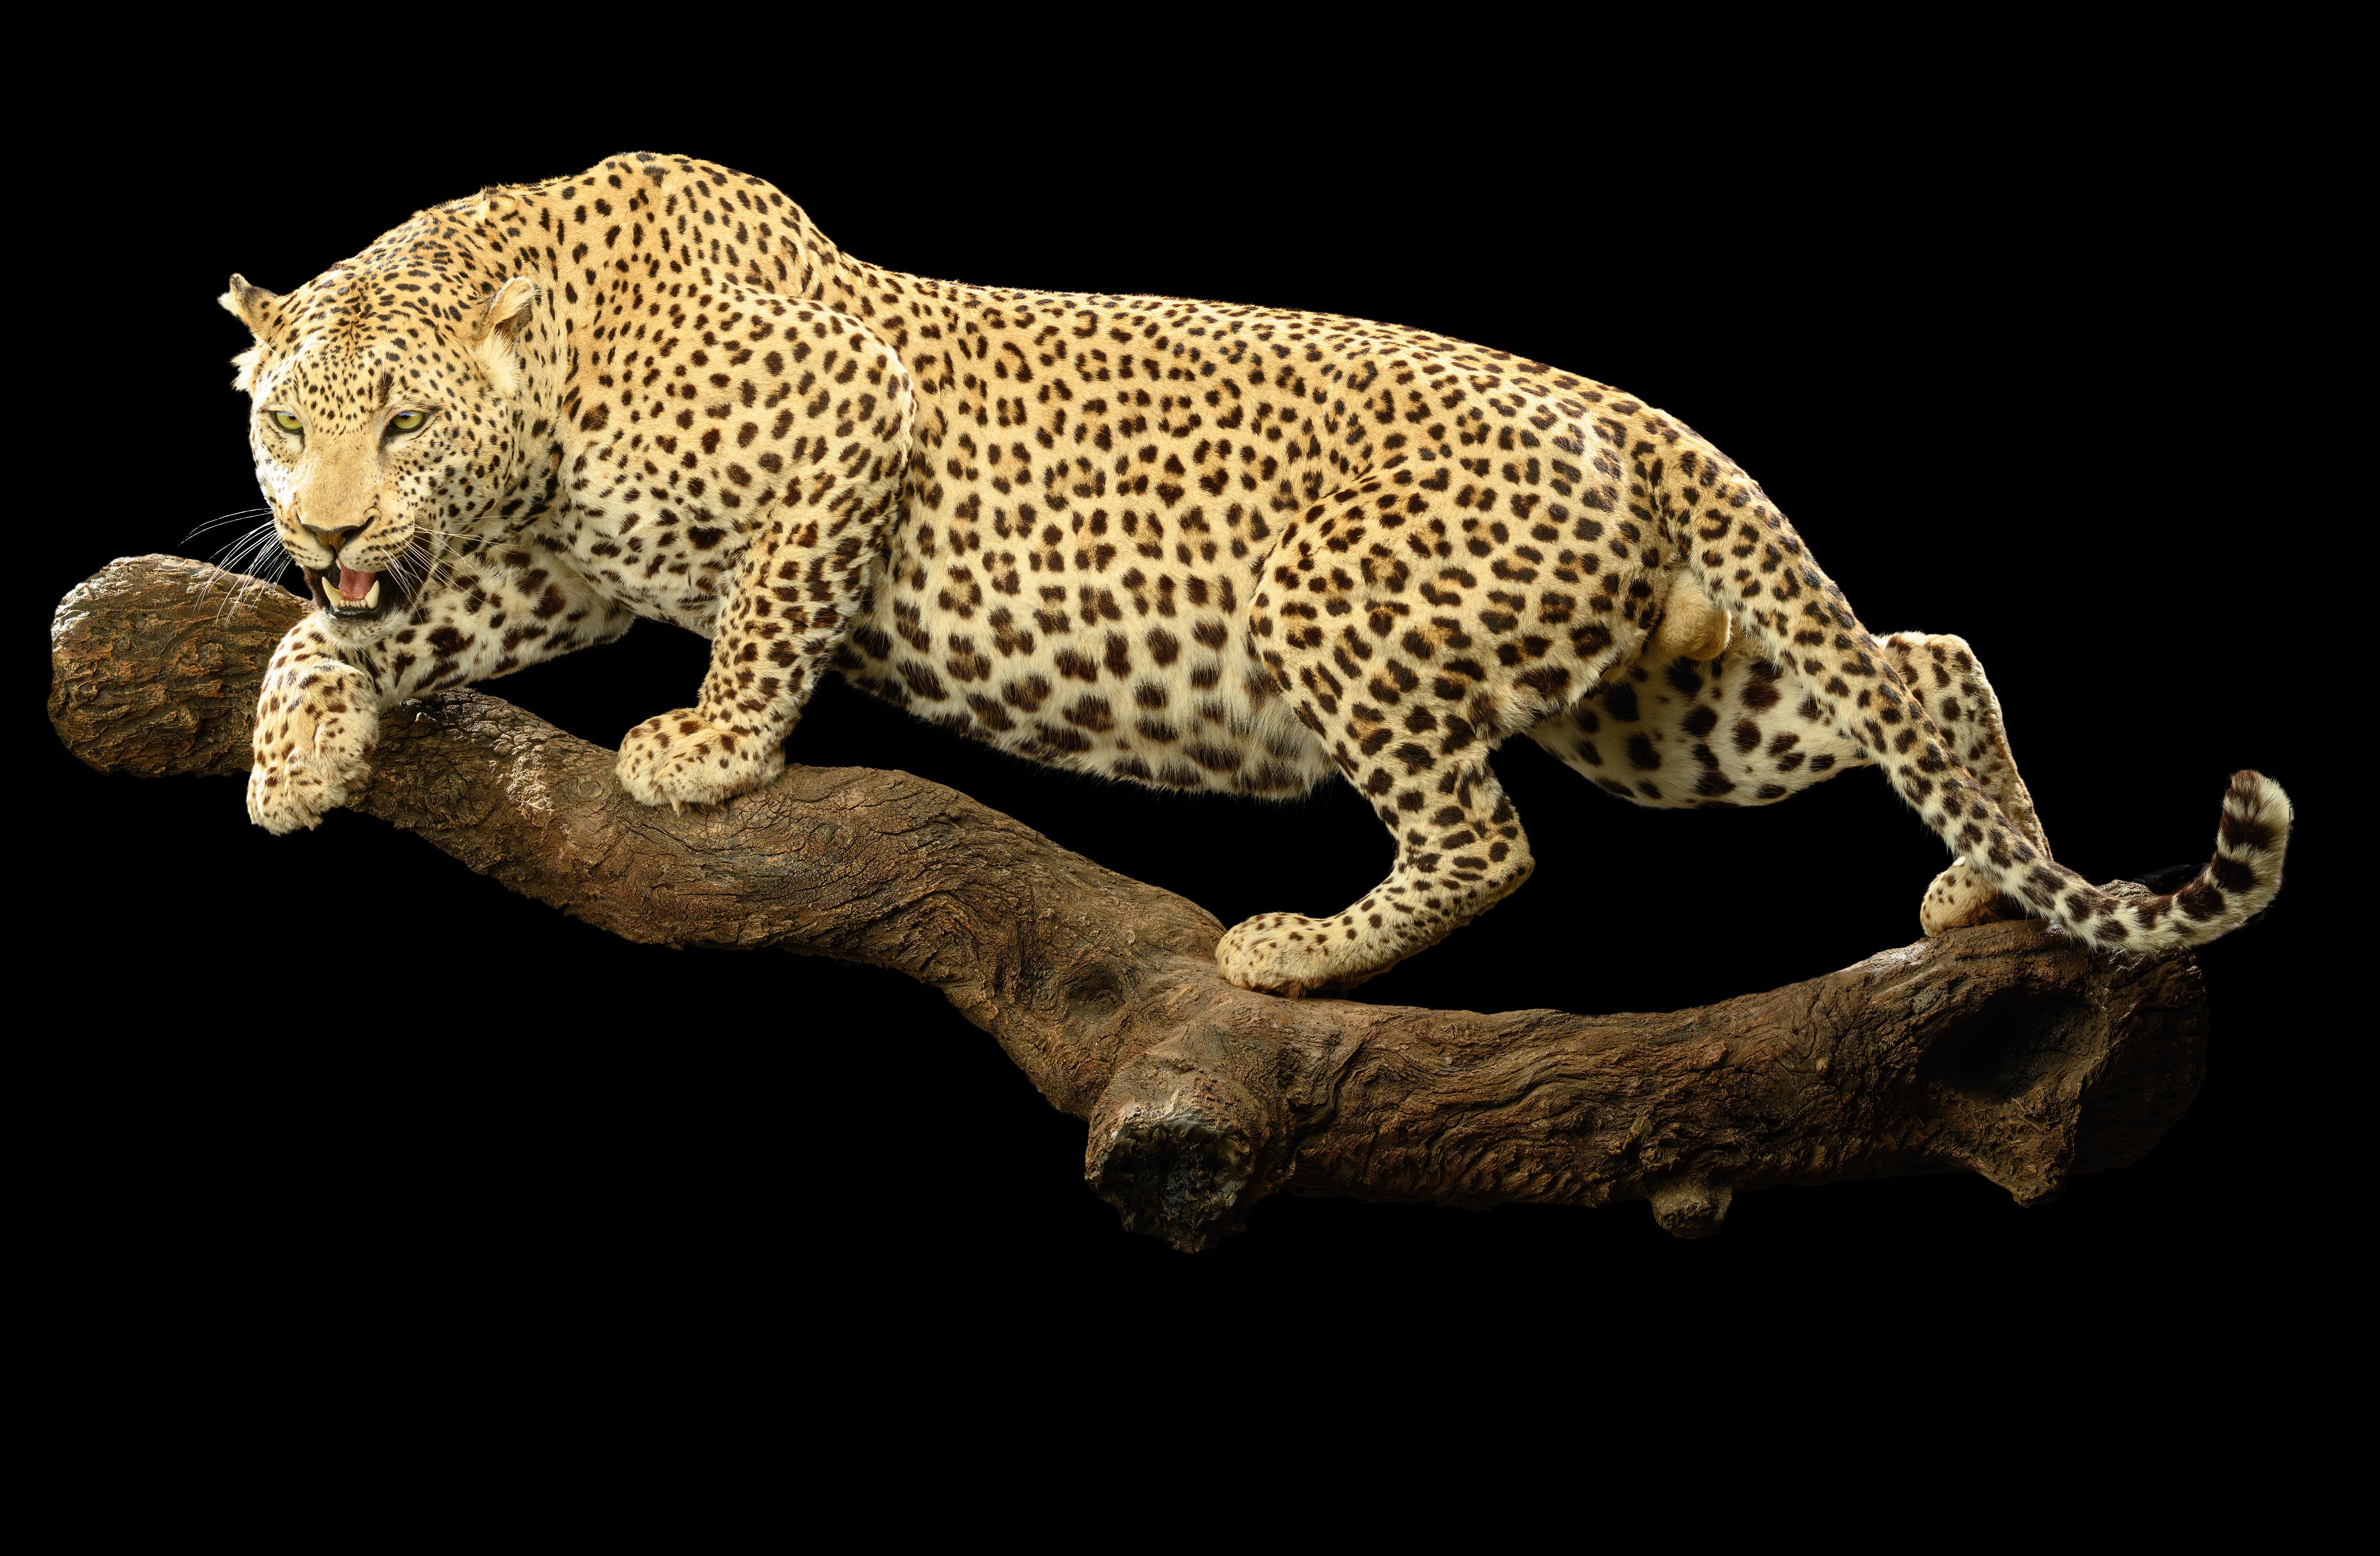 leopard-fullmount-ii058-1-jpg.425649